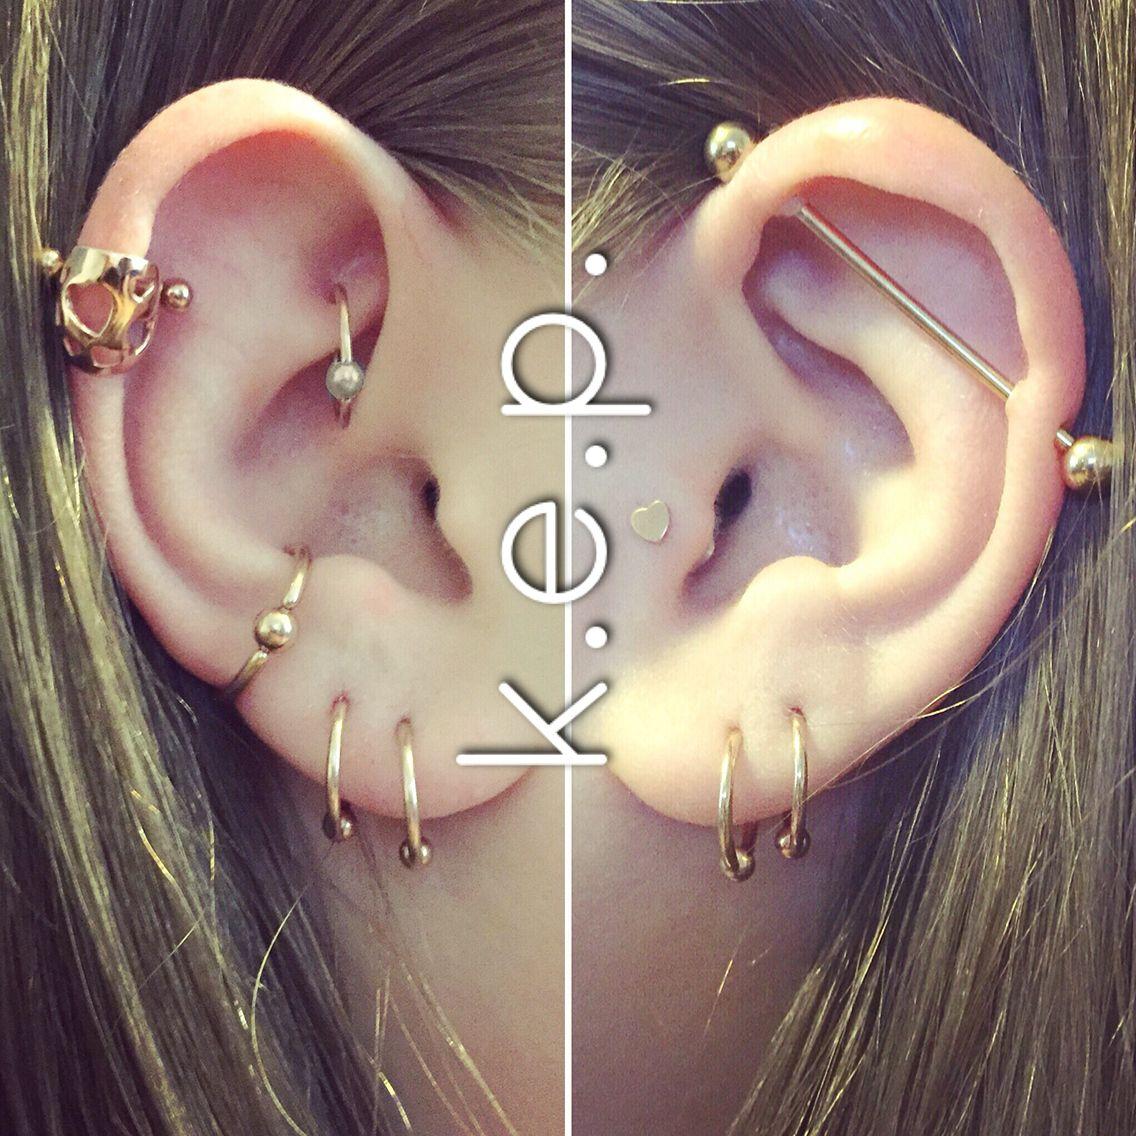 Body Piercing Helix Piercing Rook Piercing Conch Piercing Lobe Piercing Upper Lobe Piercing Industrial Piercing Tragus Jewelry Ear Jewelry Gold Ear Cuff